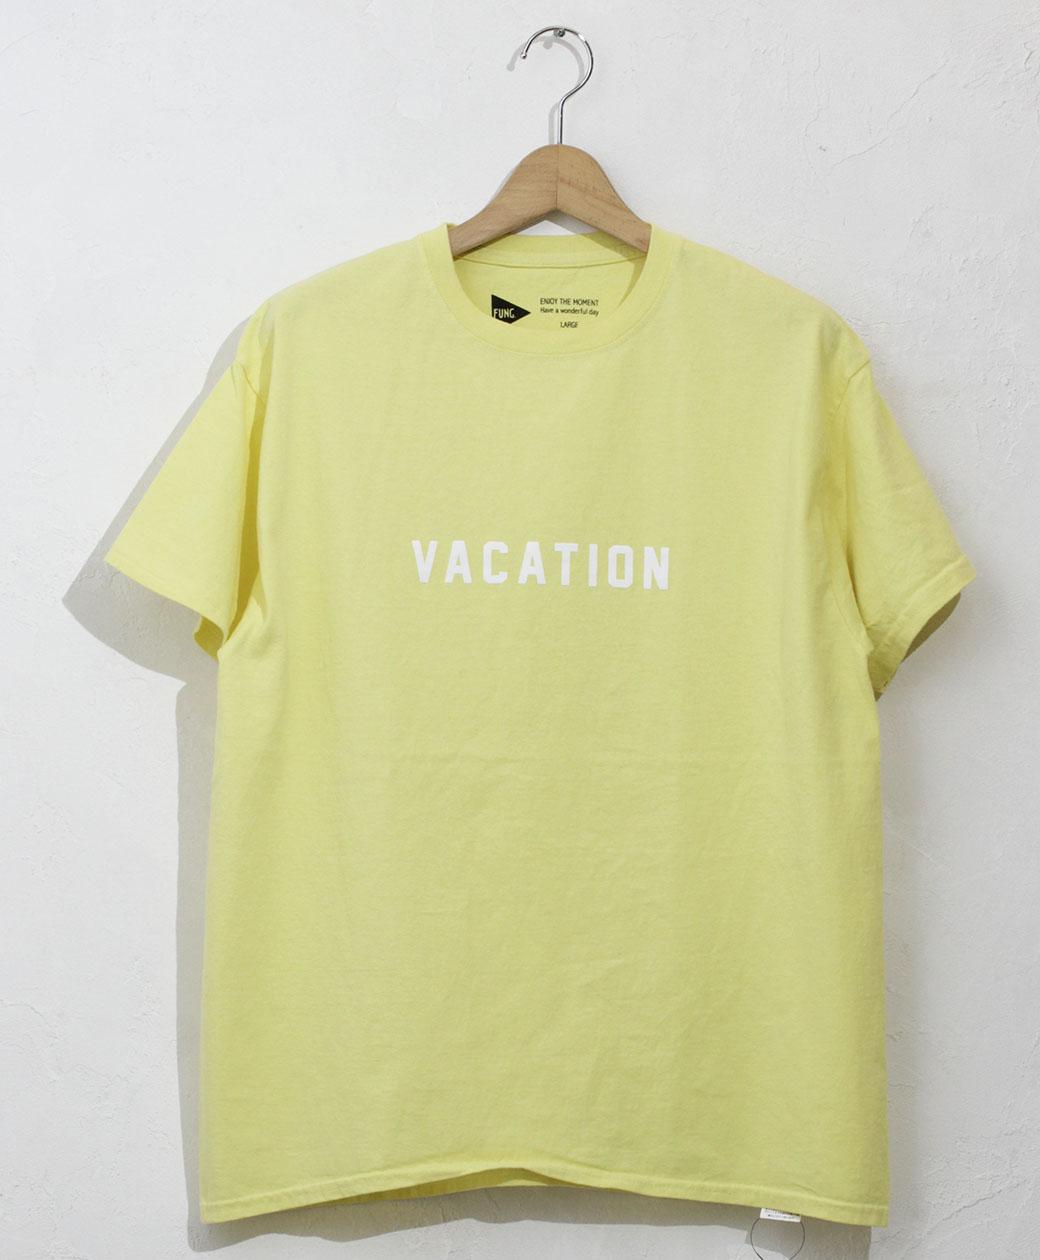 FUNG vacation(yellow)